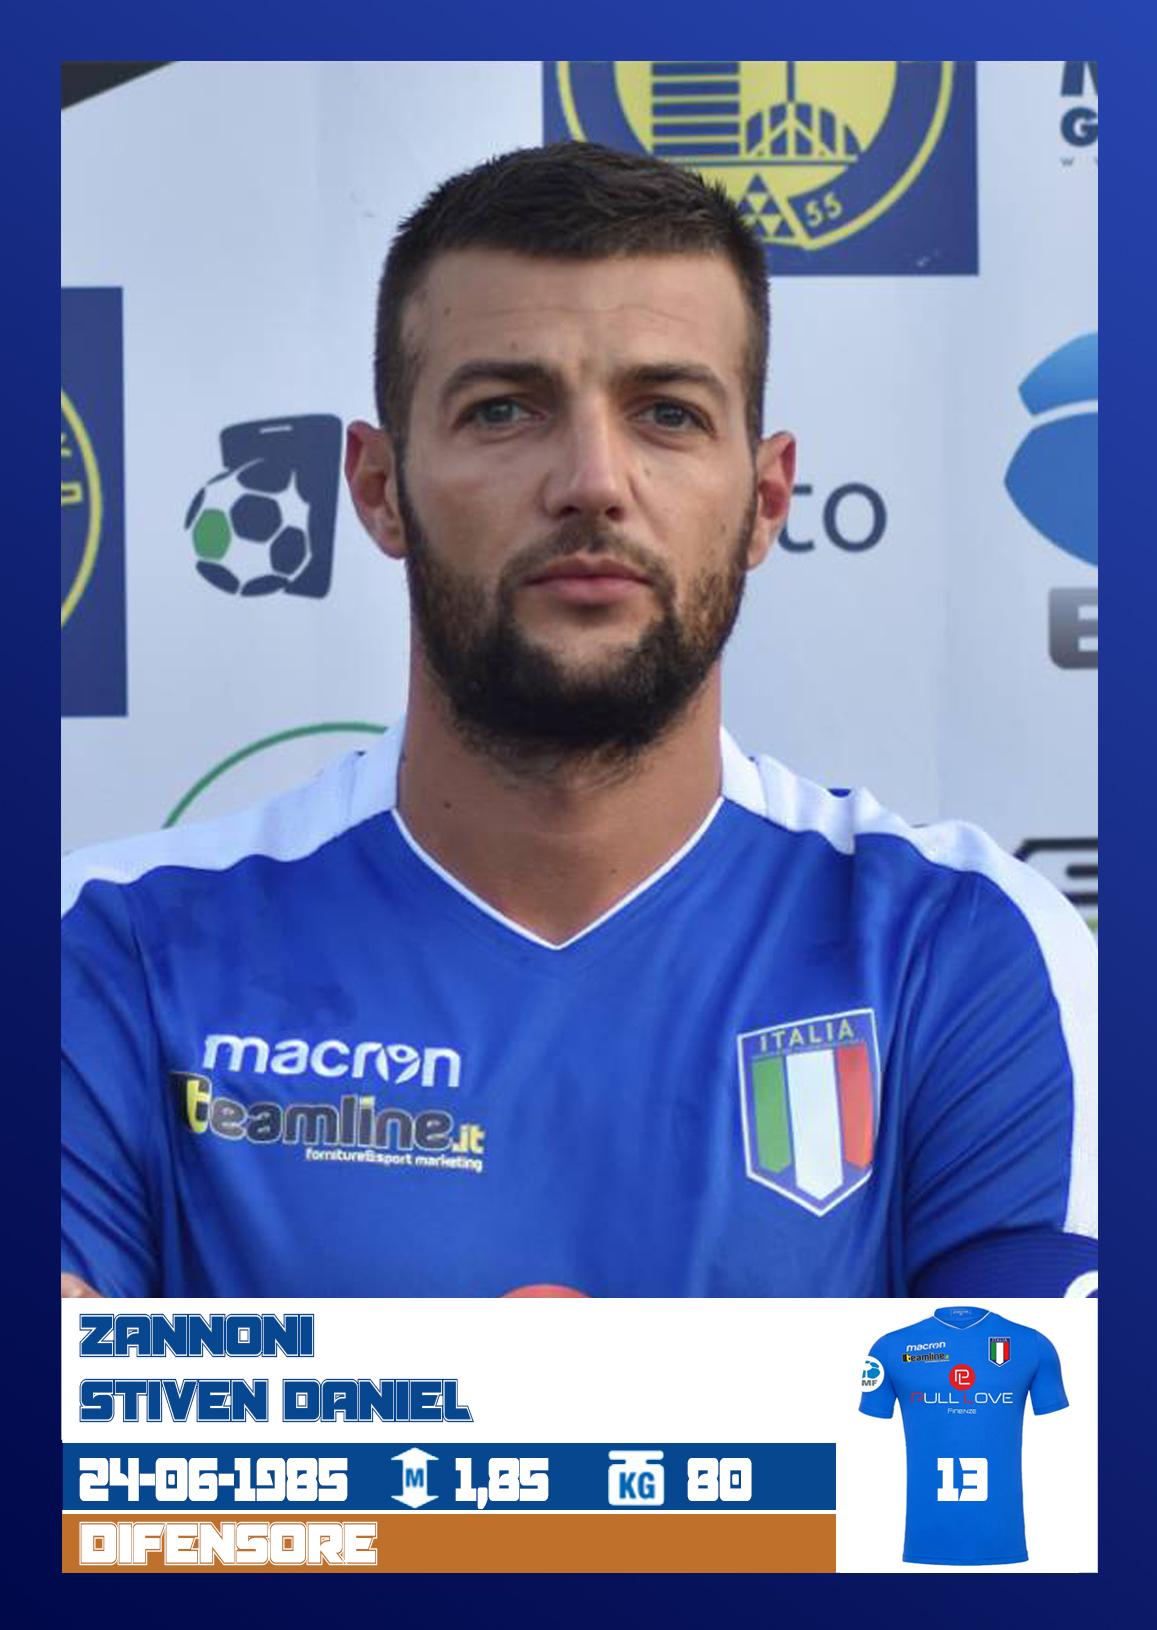 Stiven Daniel Zennoni